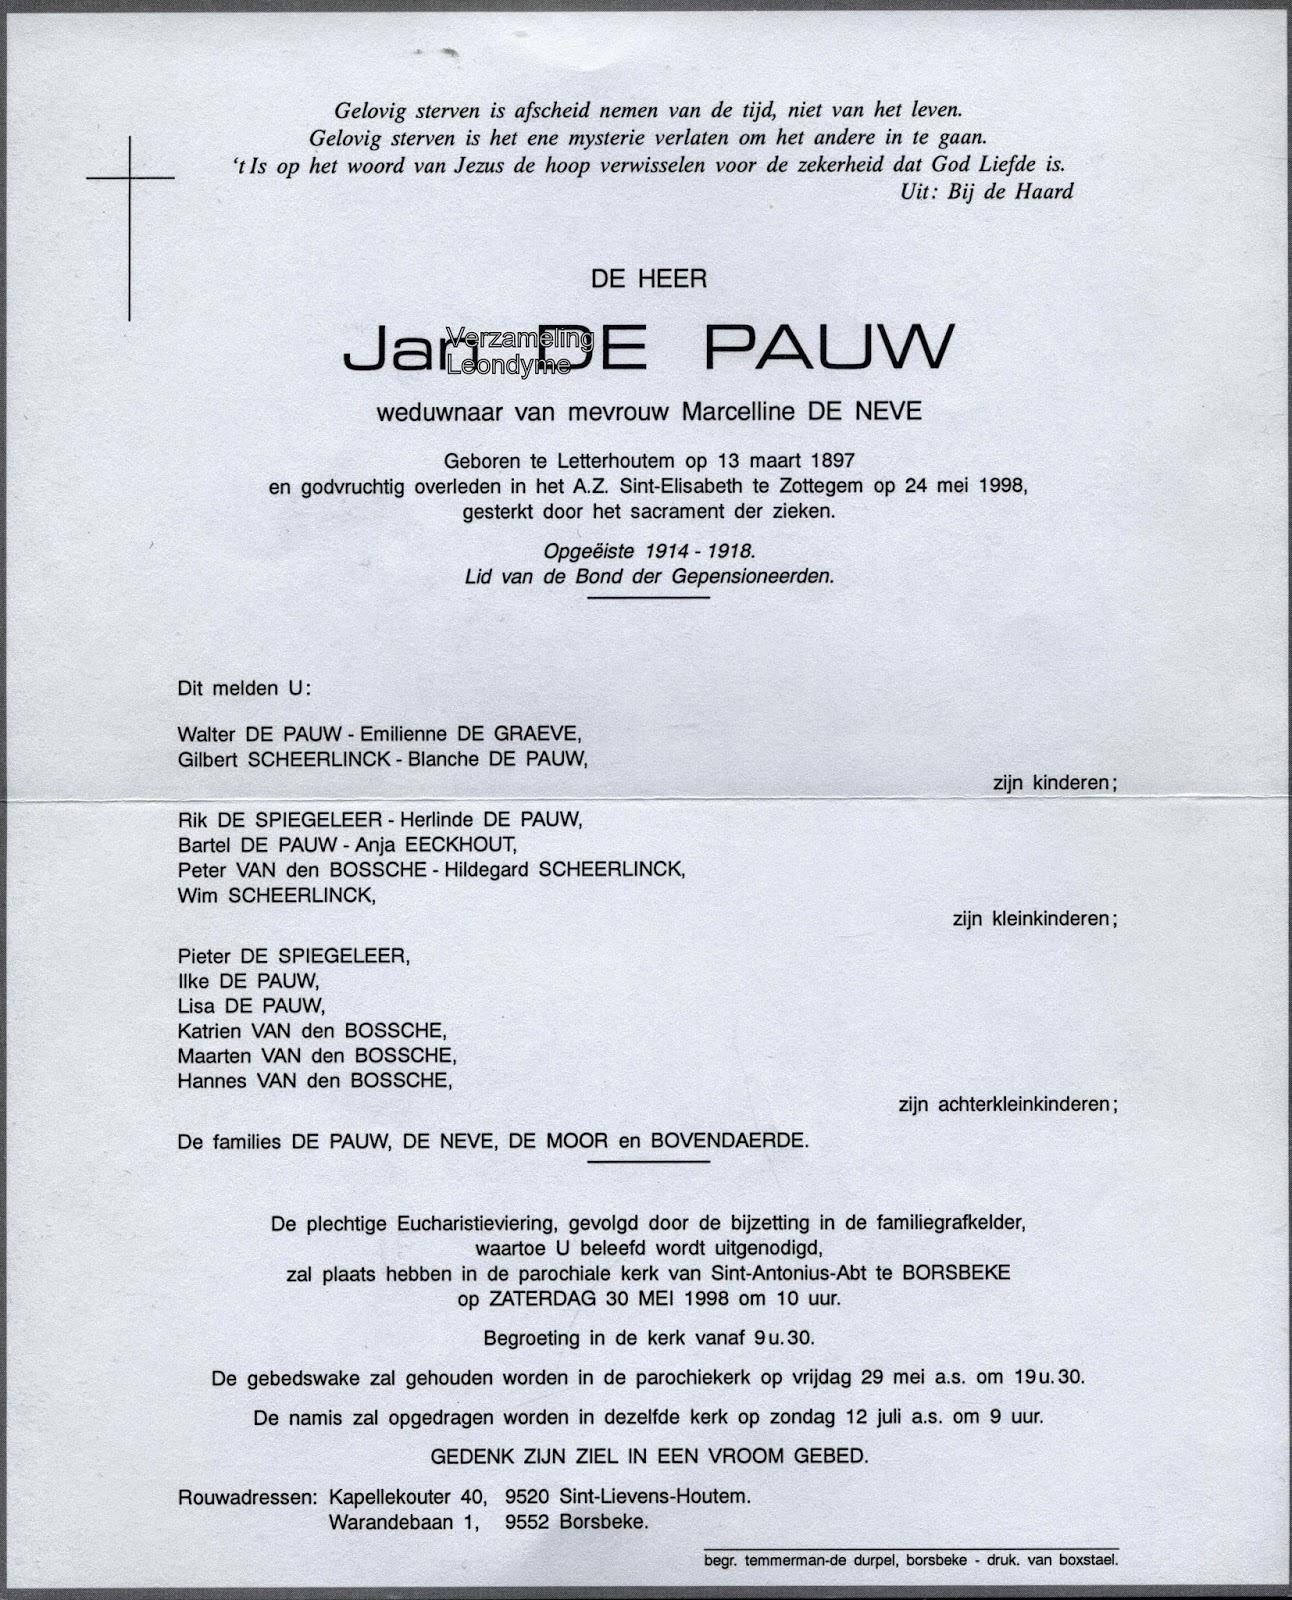 Rouwbrief, opgeëiste Jan De Pauw 1897-1998, Wereldoorlog 1914-1918. Verzameling Leondyme.